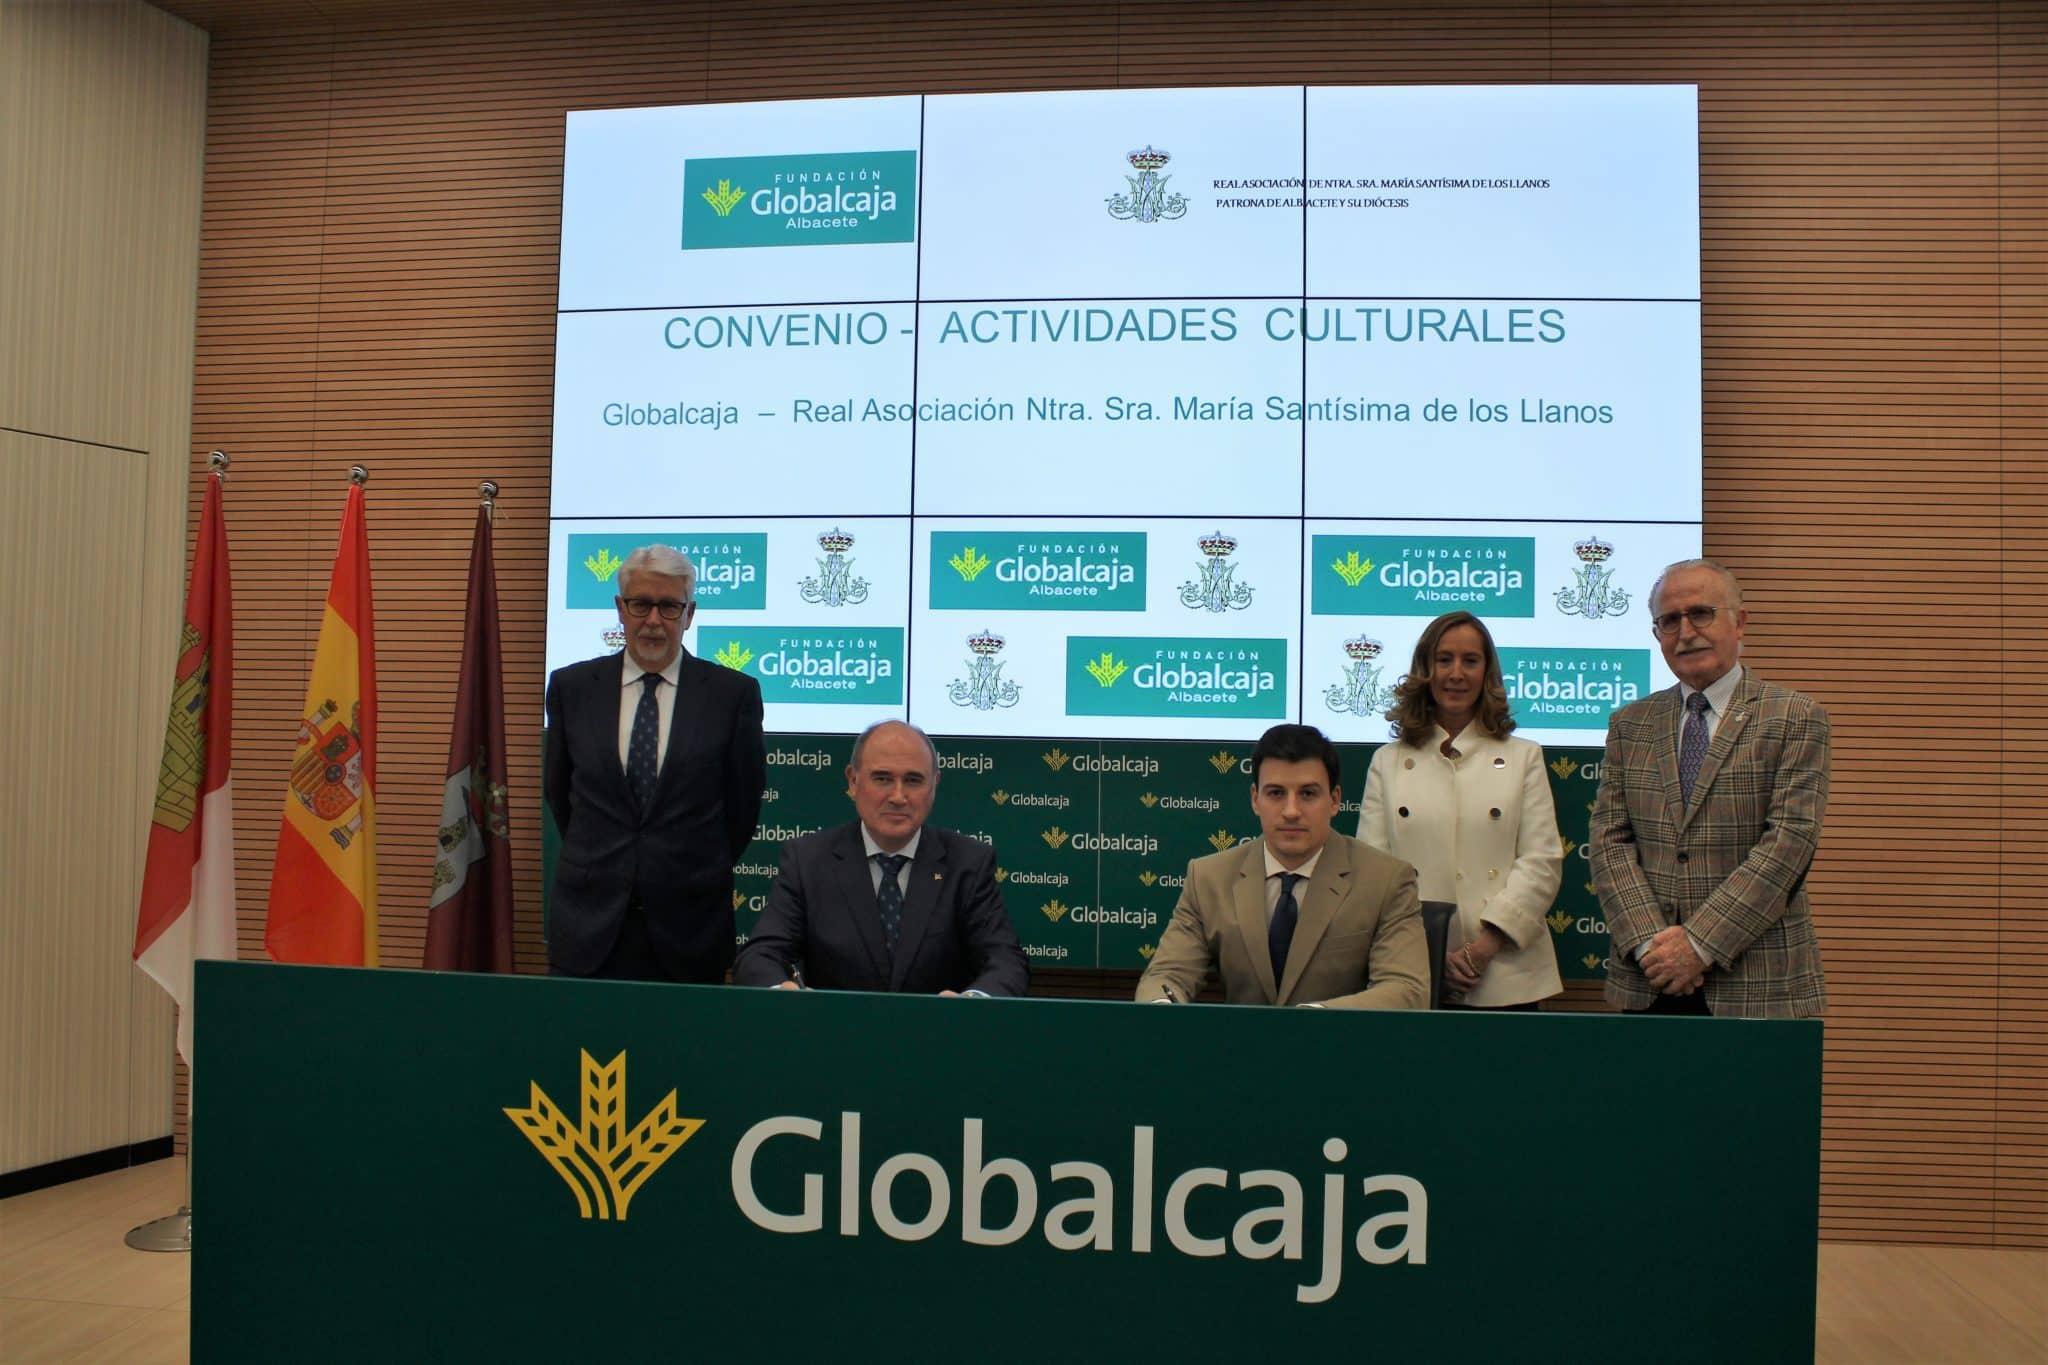 https://blog.globalcaja.es/wp-content/uploads/2019/03/Asociacion-Santisima-de-los-llanos.jpg